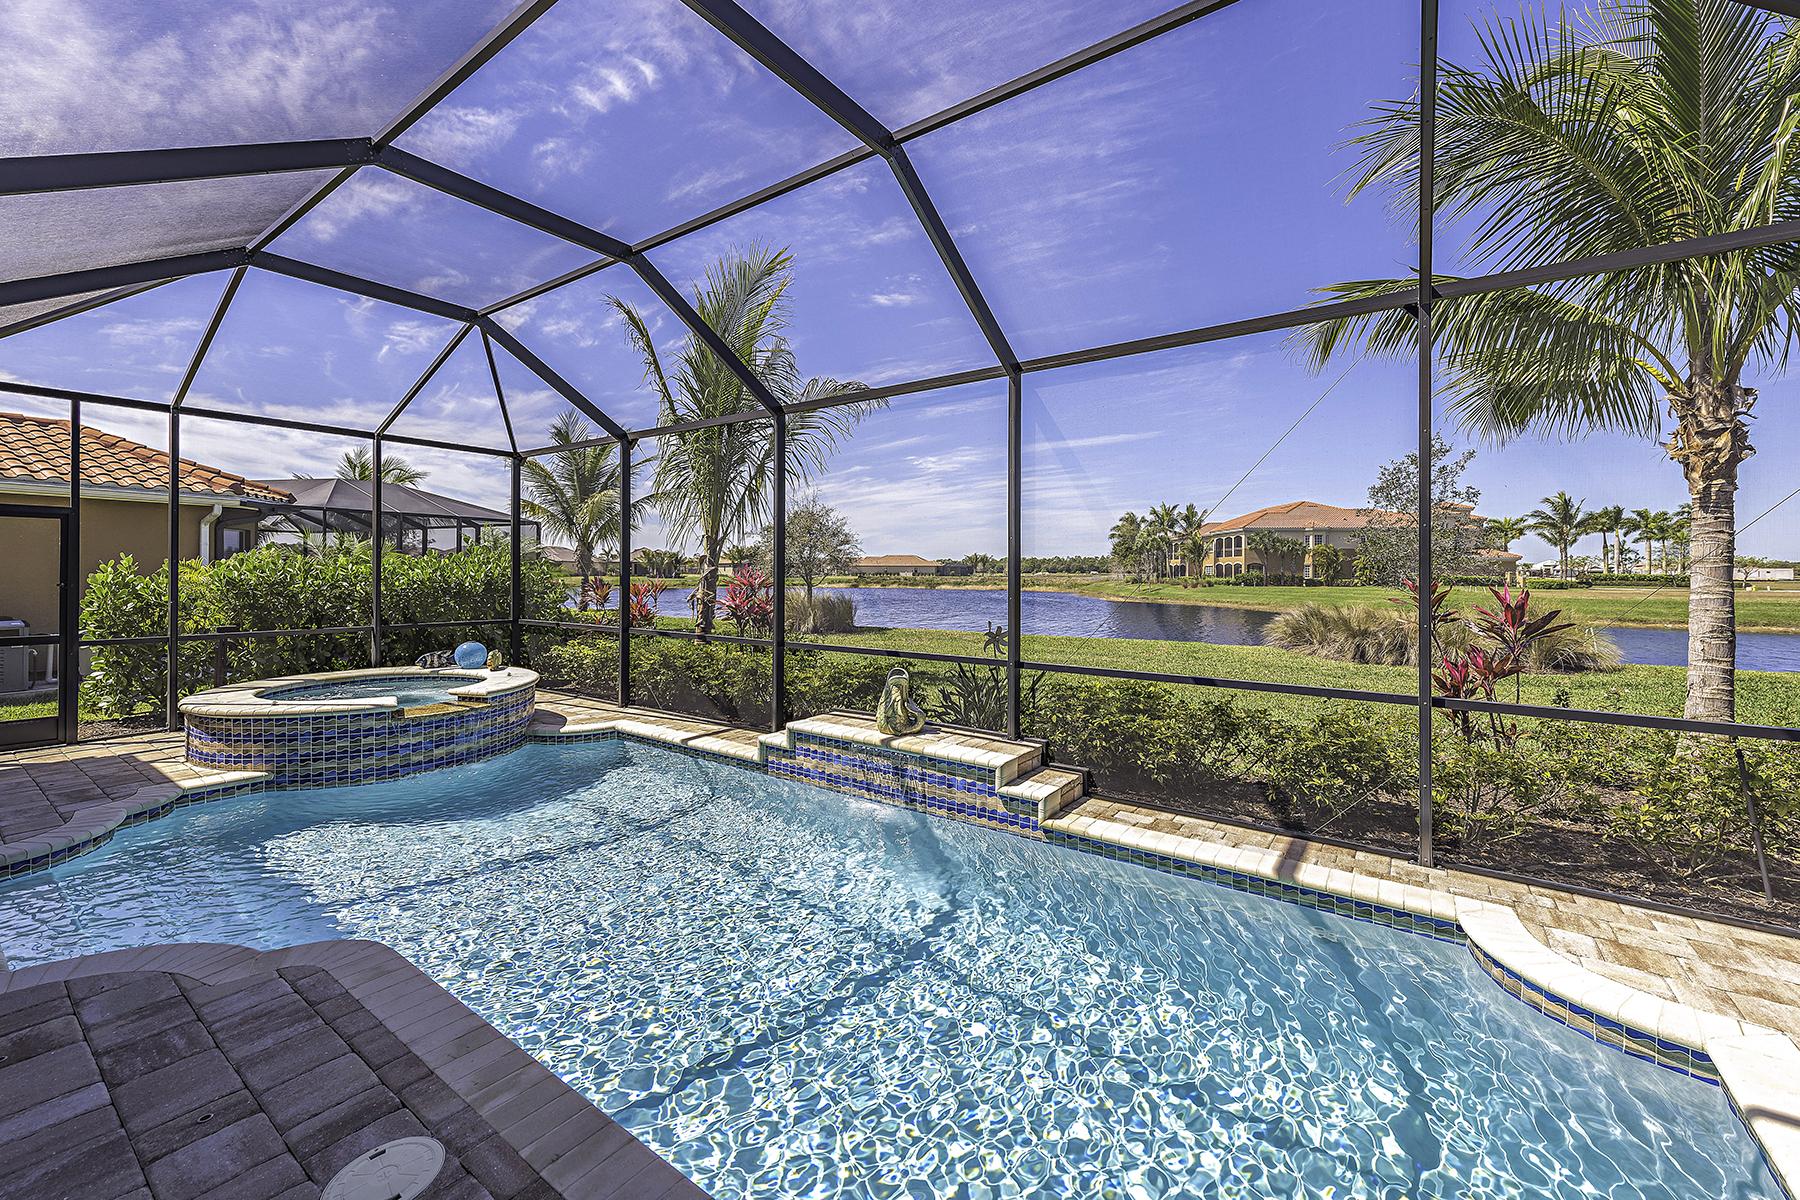 Частный односемейный дом для того Продажа на FIDDLERS CREEK 9193 Campanile Cir Naples, Флорида, 34114 Соединенные Штаты